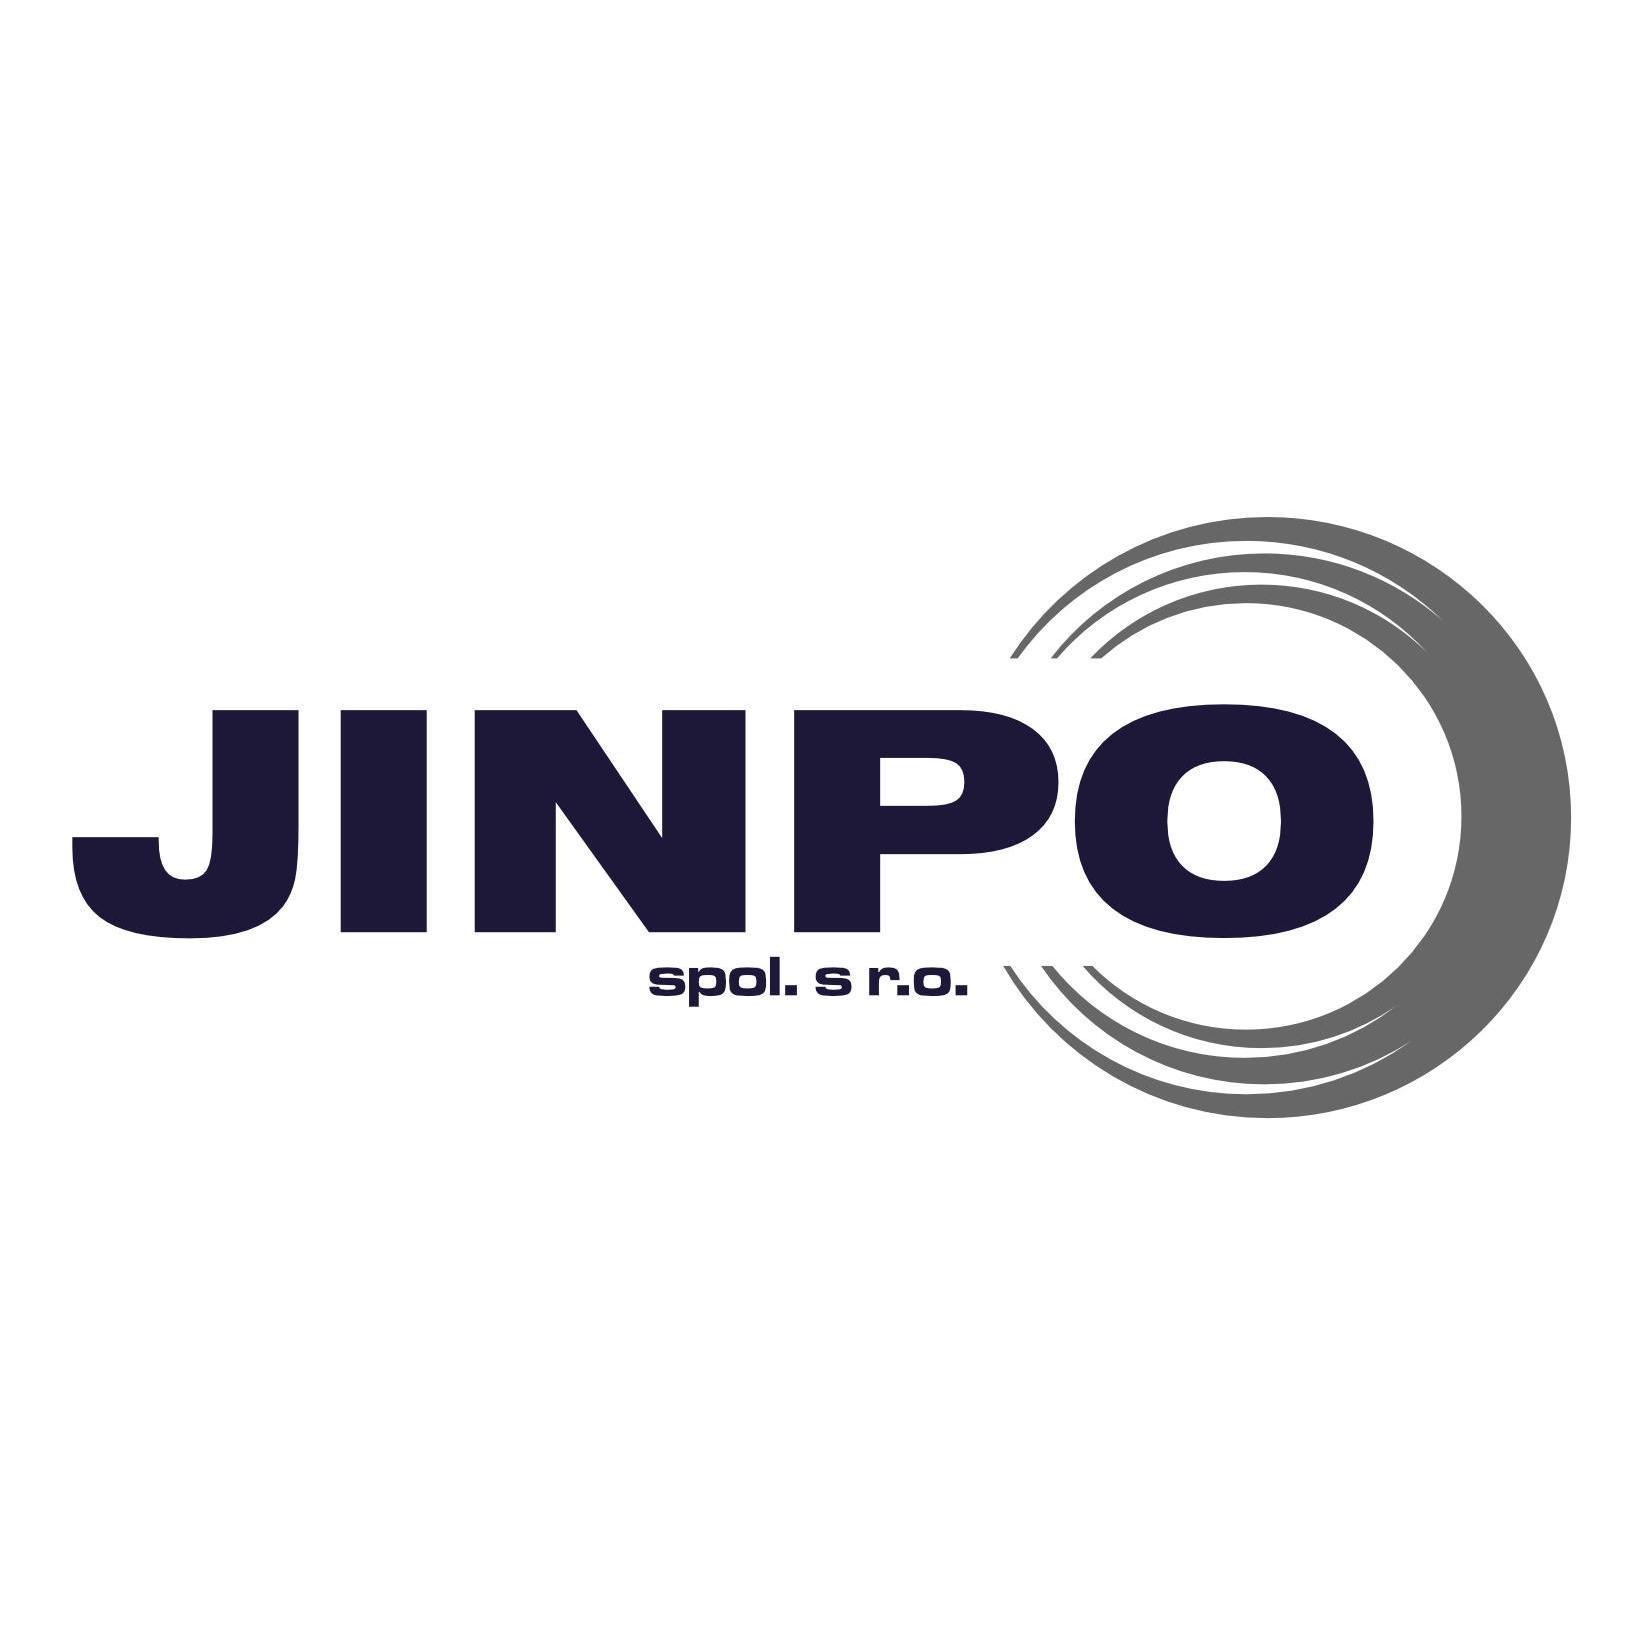 JINPO spol. s r.o.